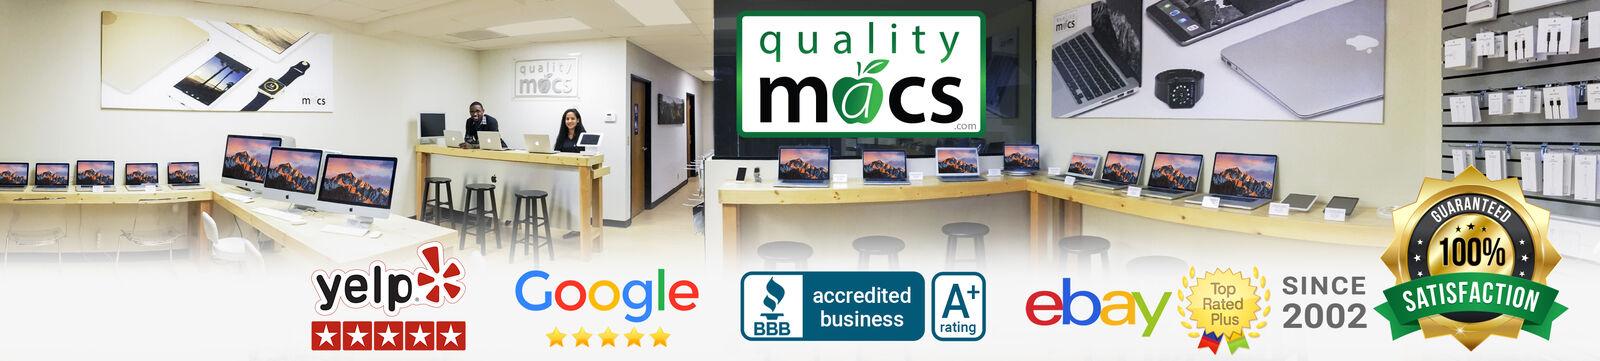 Quality Macs